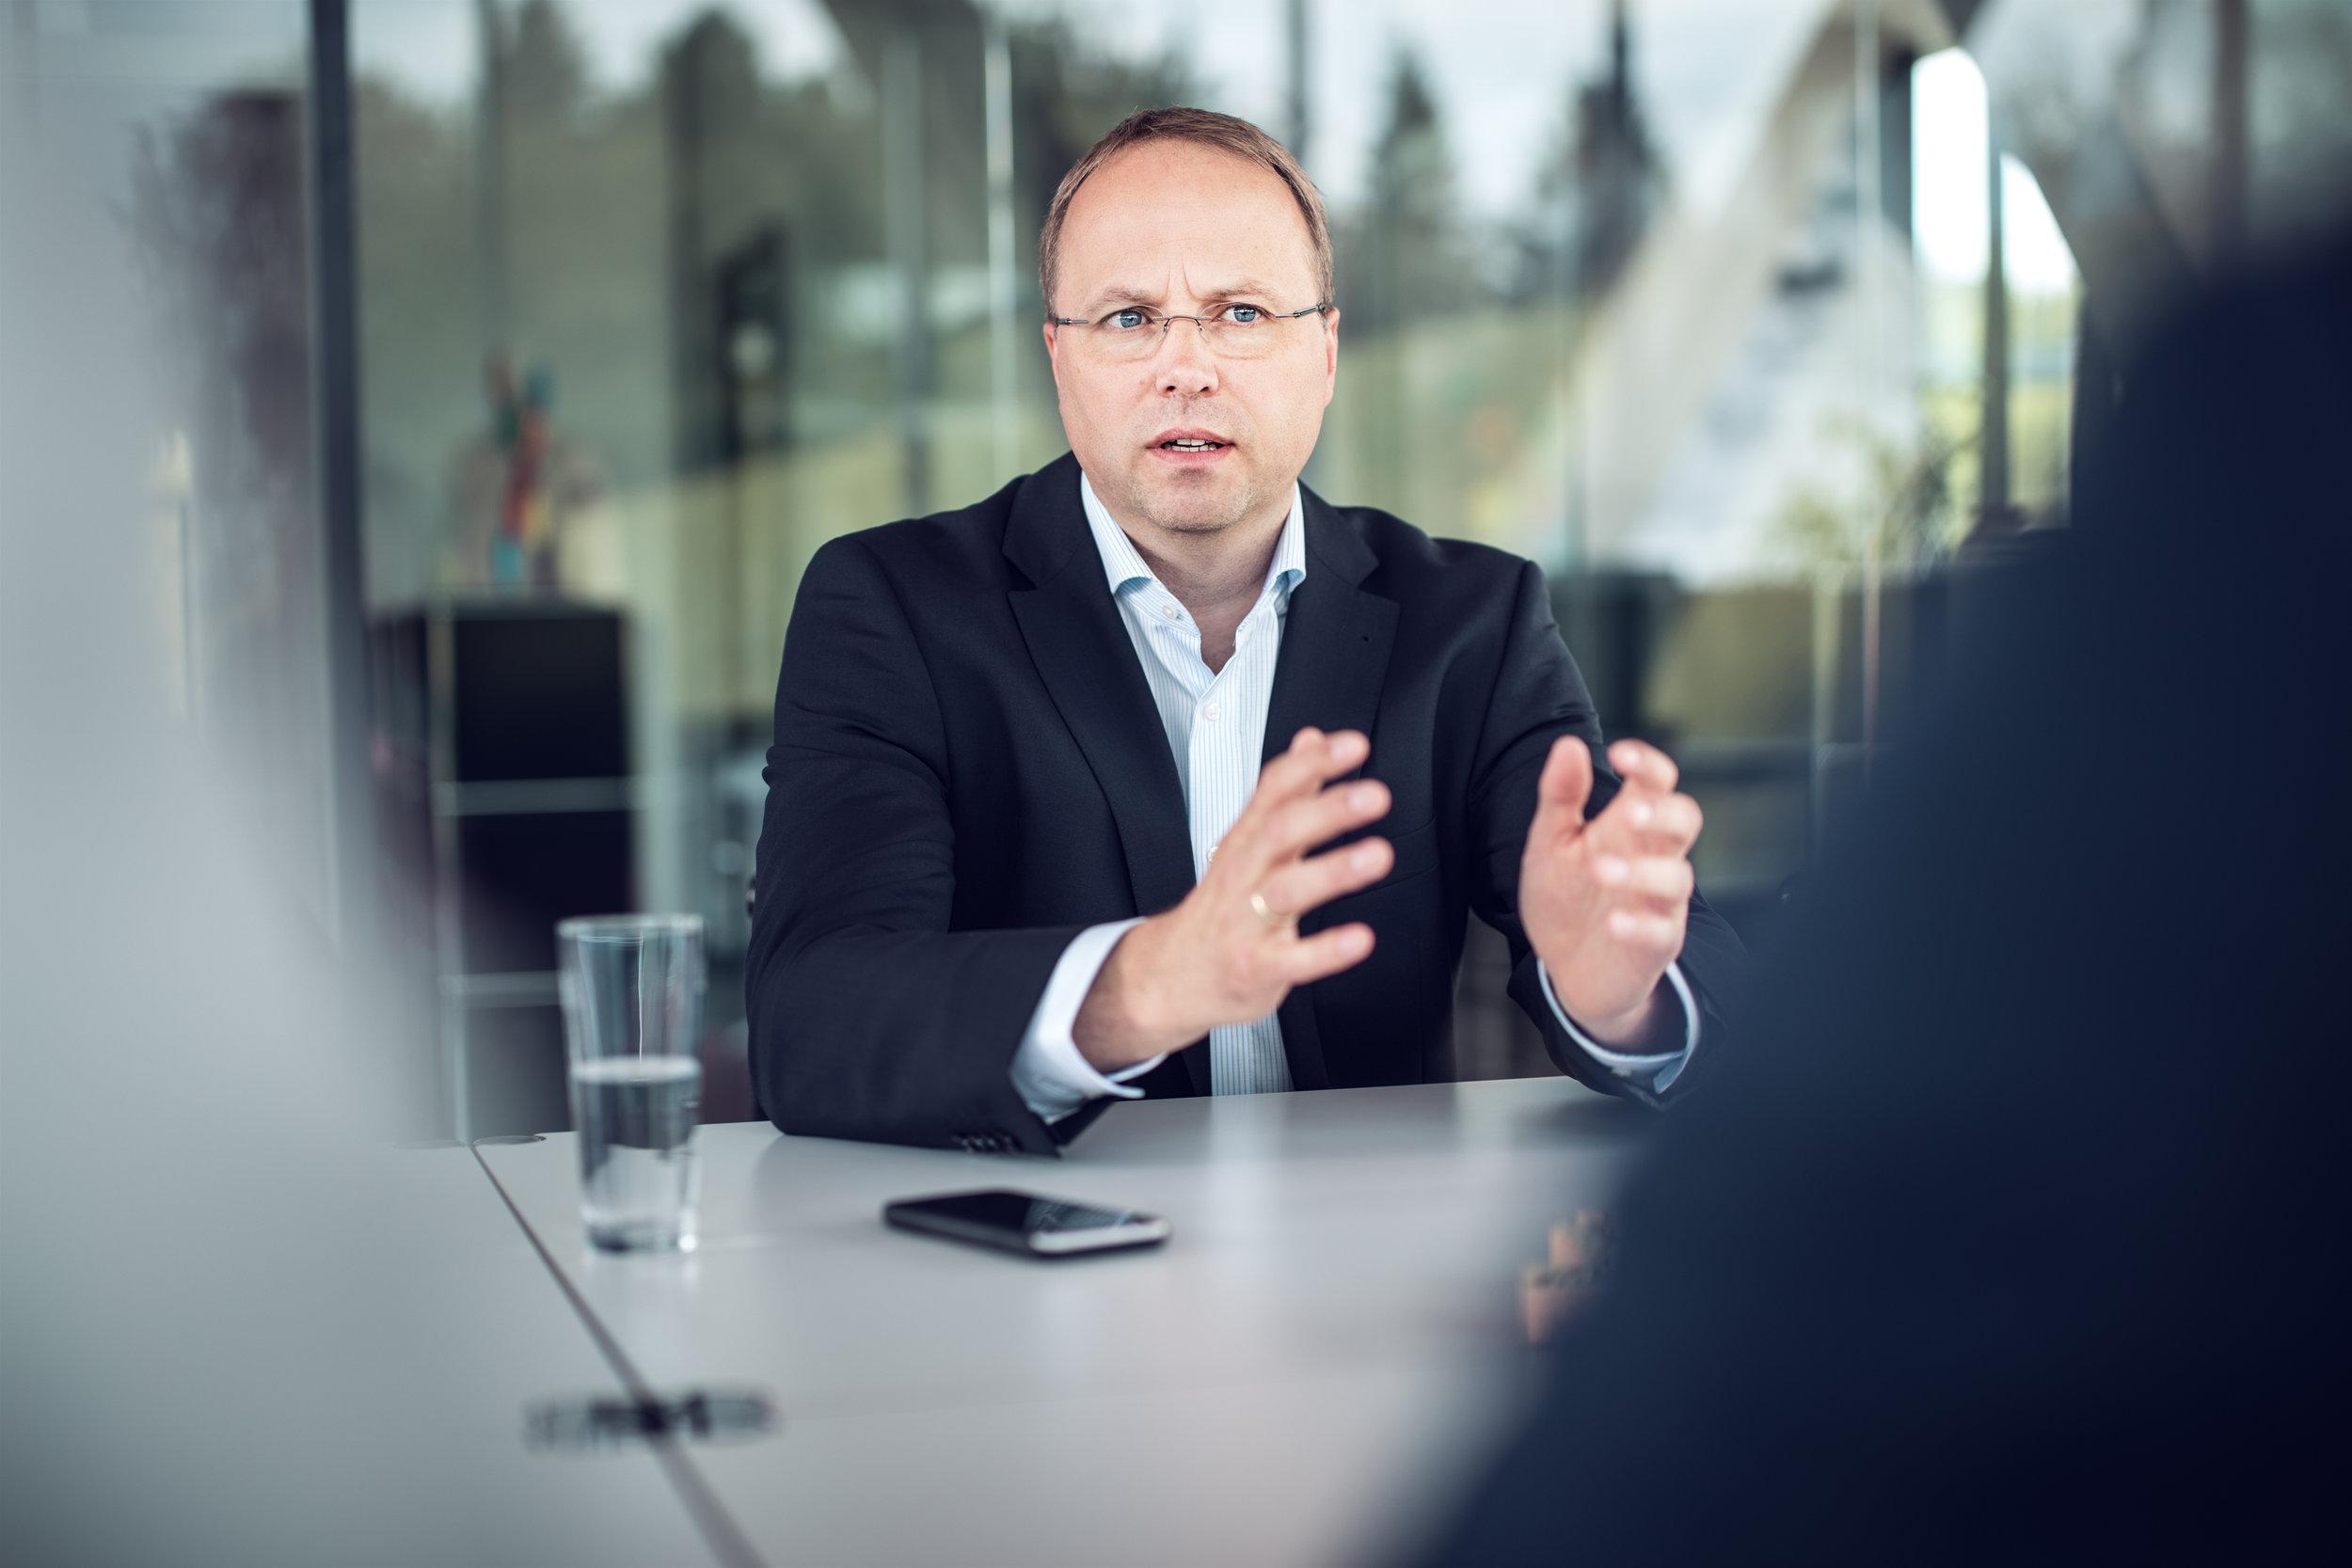 Geschäftsführer Hans-Jürgen von Glasenapp im Gespräch